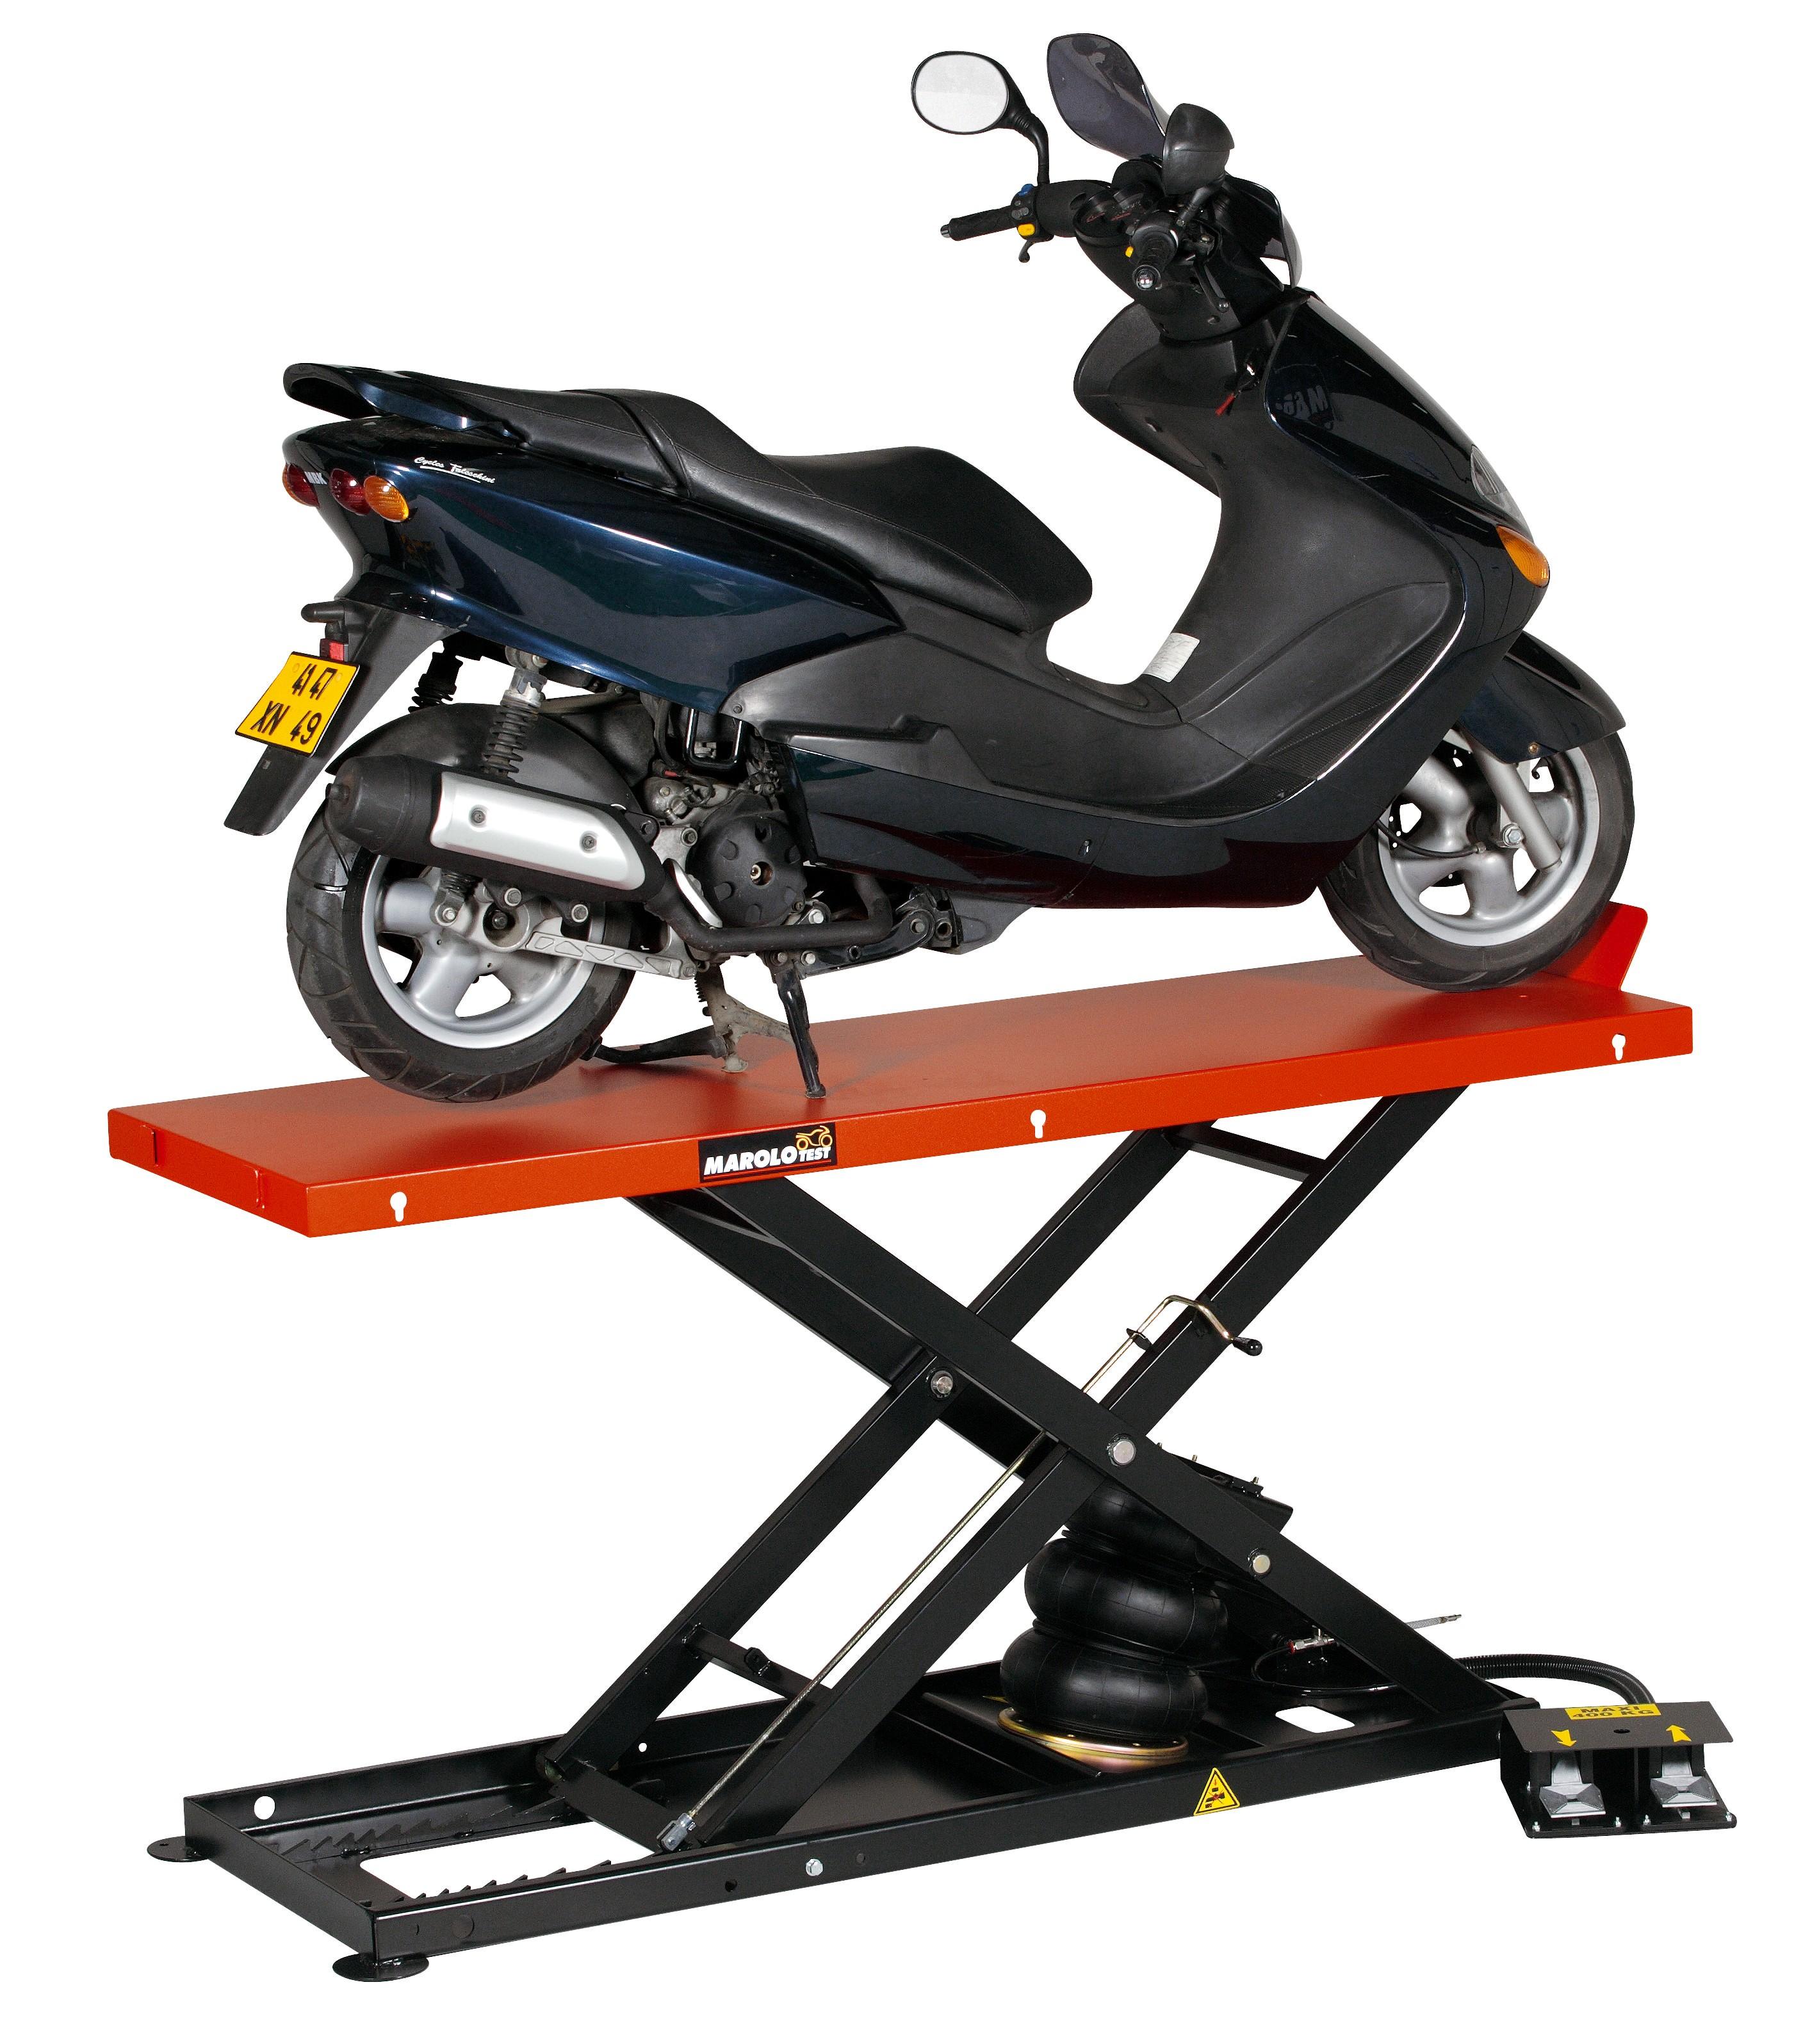 marolotest lift marololift 1000 pcl pneumatic pneumatic lifts marololift moto. Black Bedroom Furniture Sets. Home Design Ideas